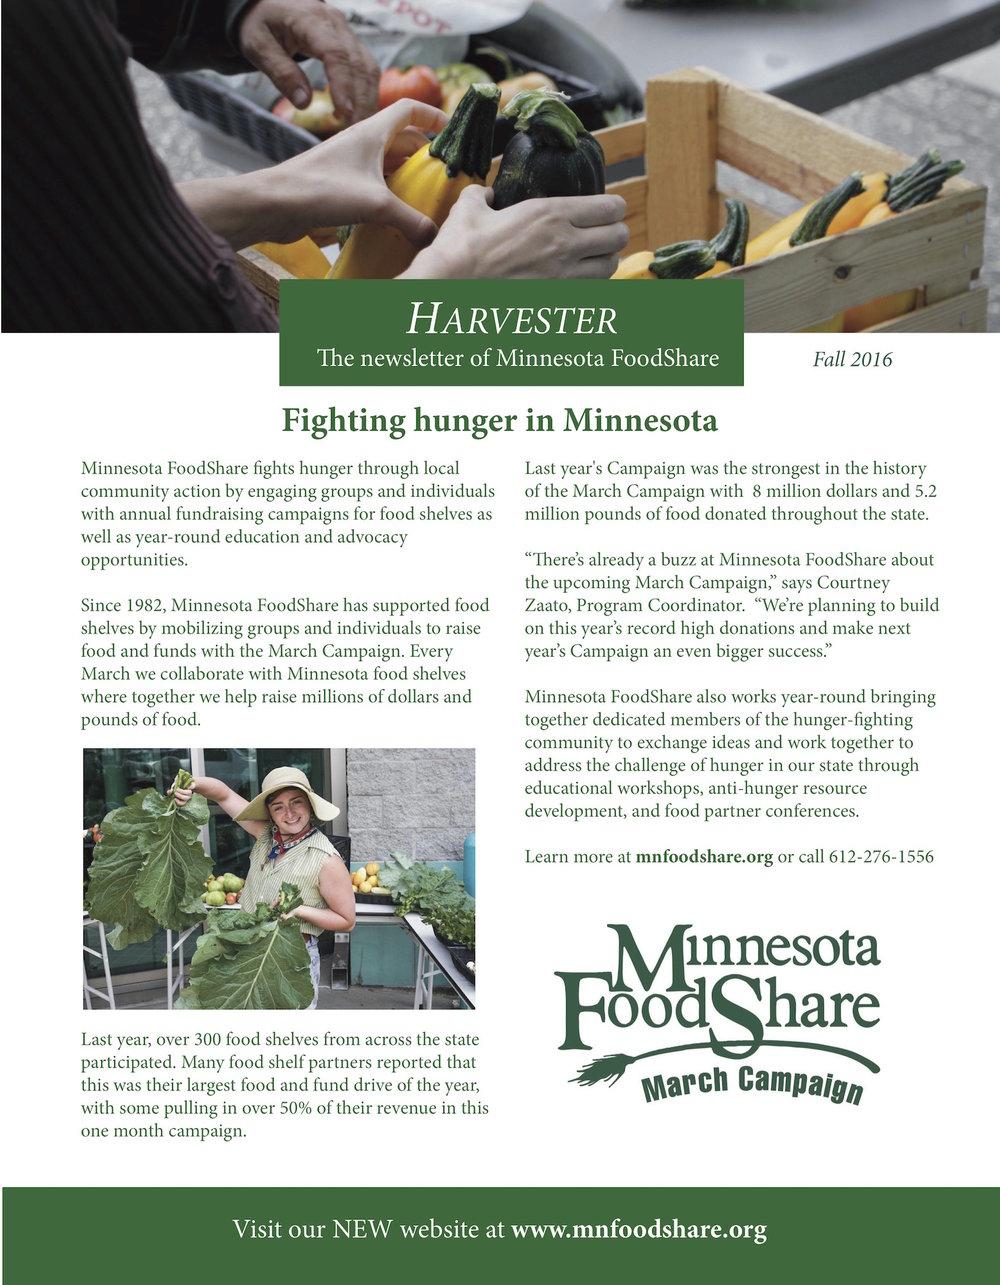 Minnesota FoodShare - Harvester Newsletter